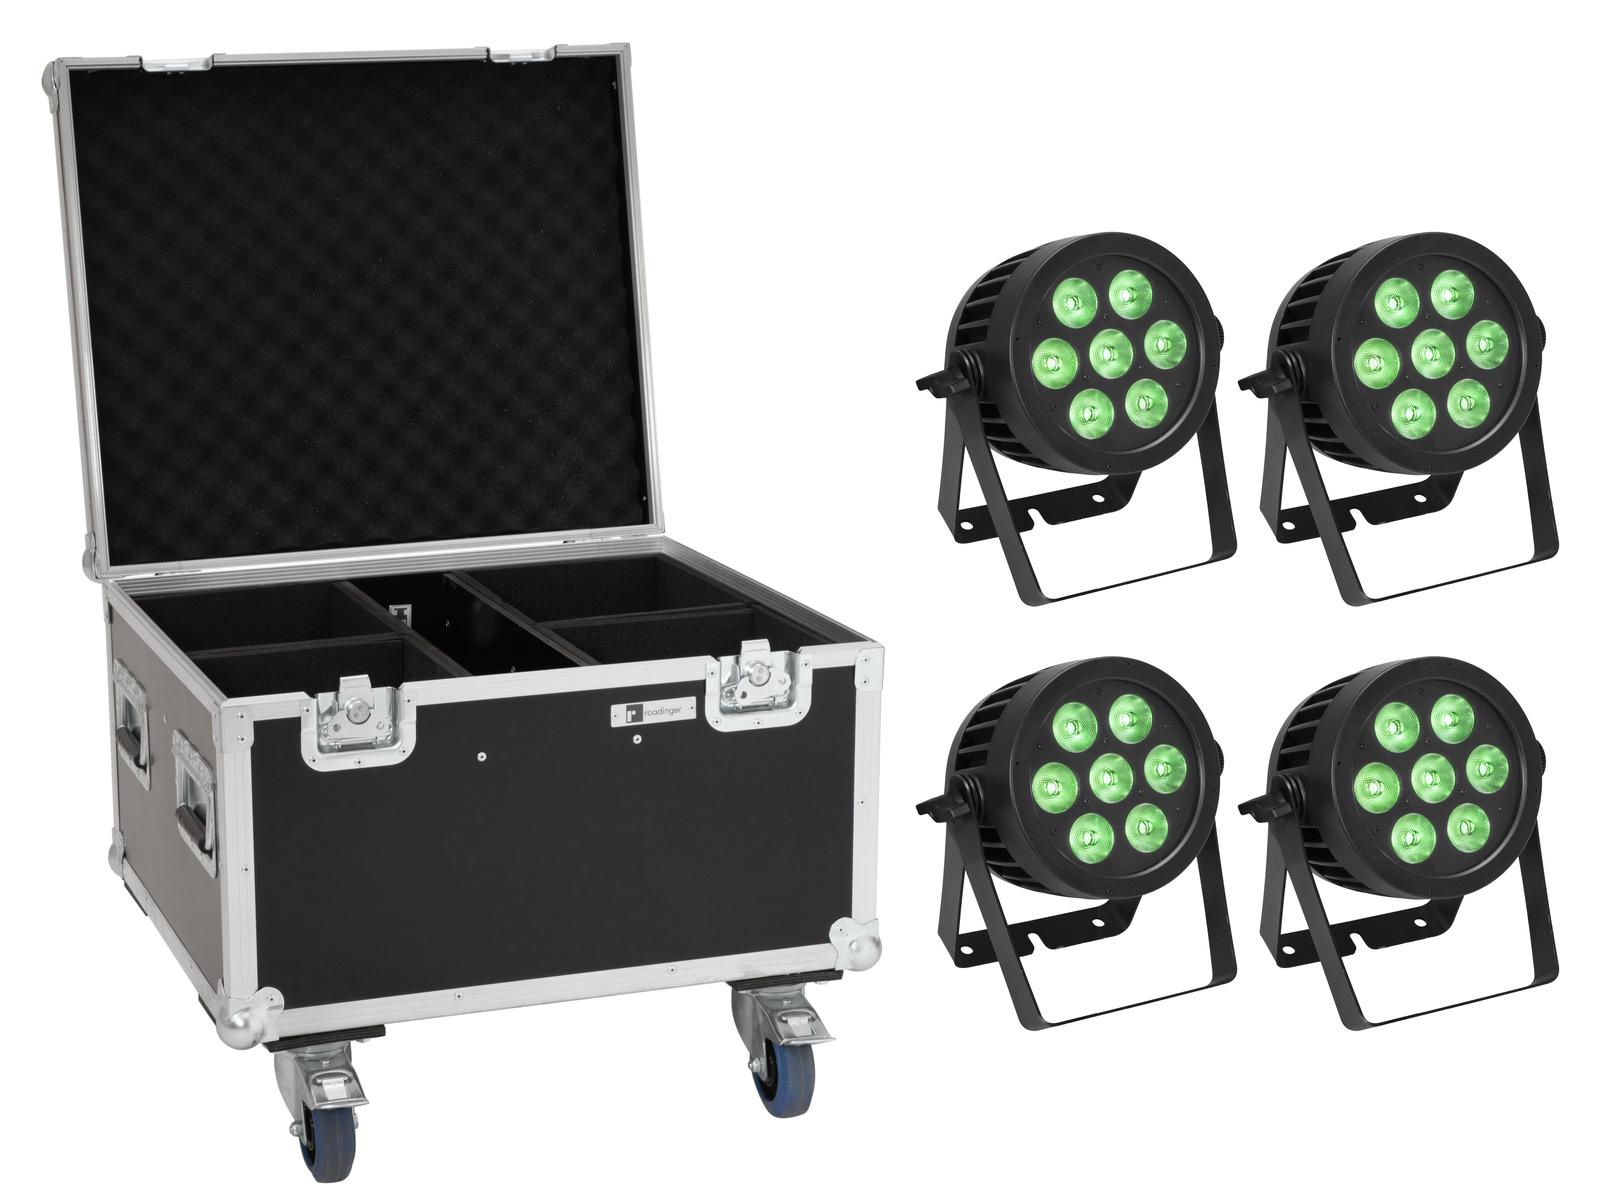 EUROLITE Set 4x LED IP PAR 7x8W QCL Spot + Case mit Rollen